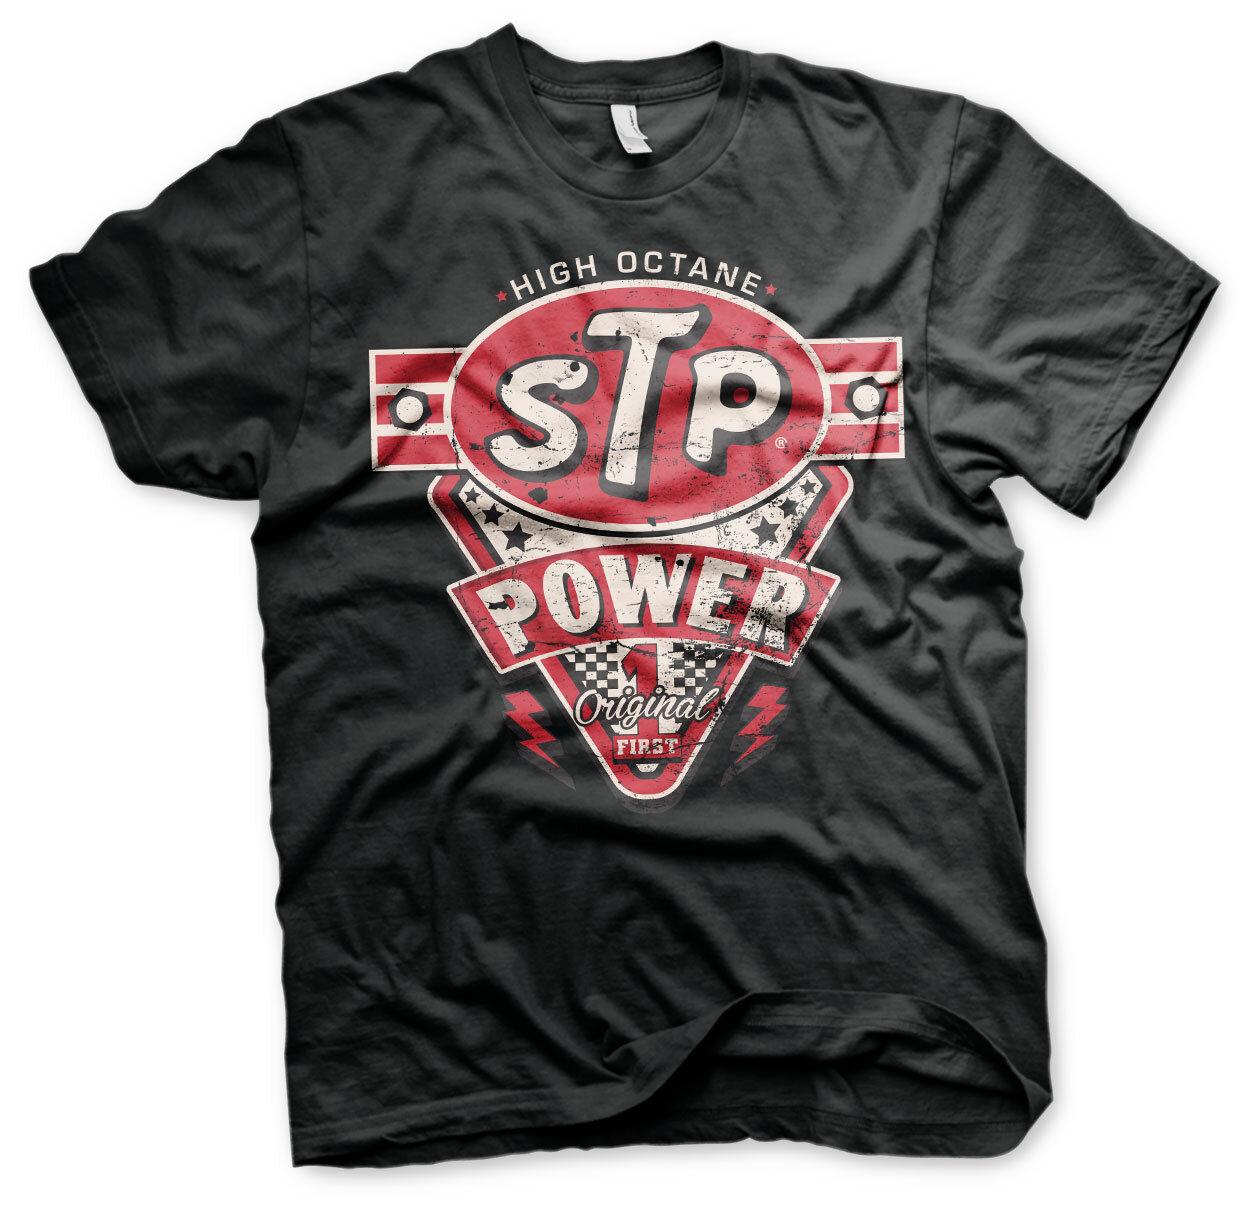 STP Power T-Shirt